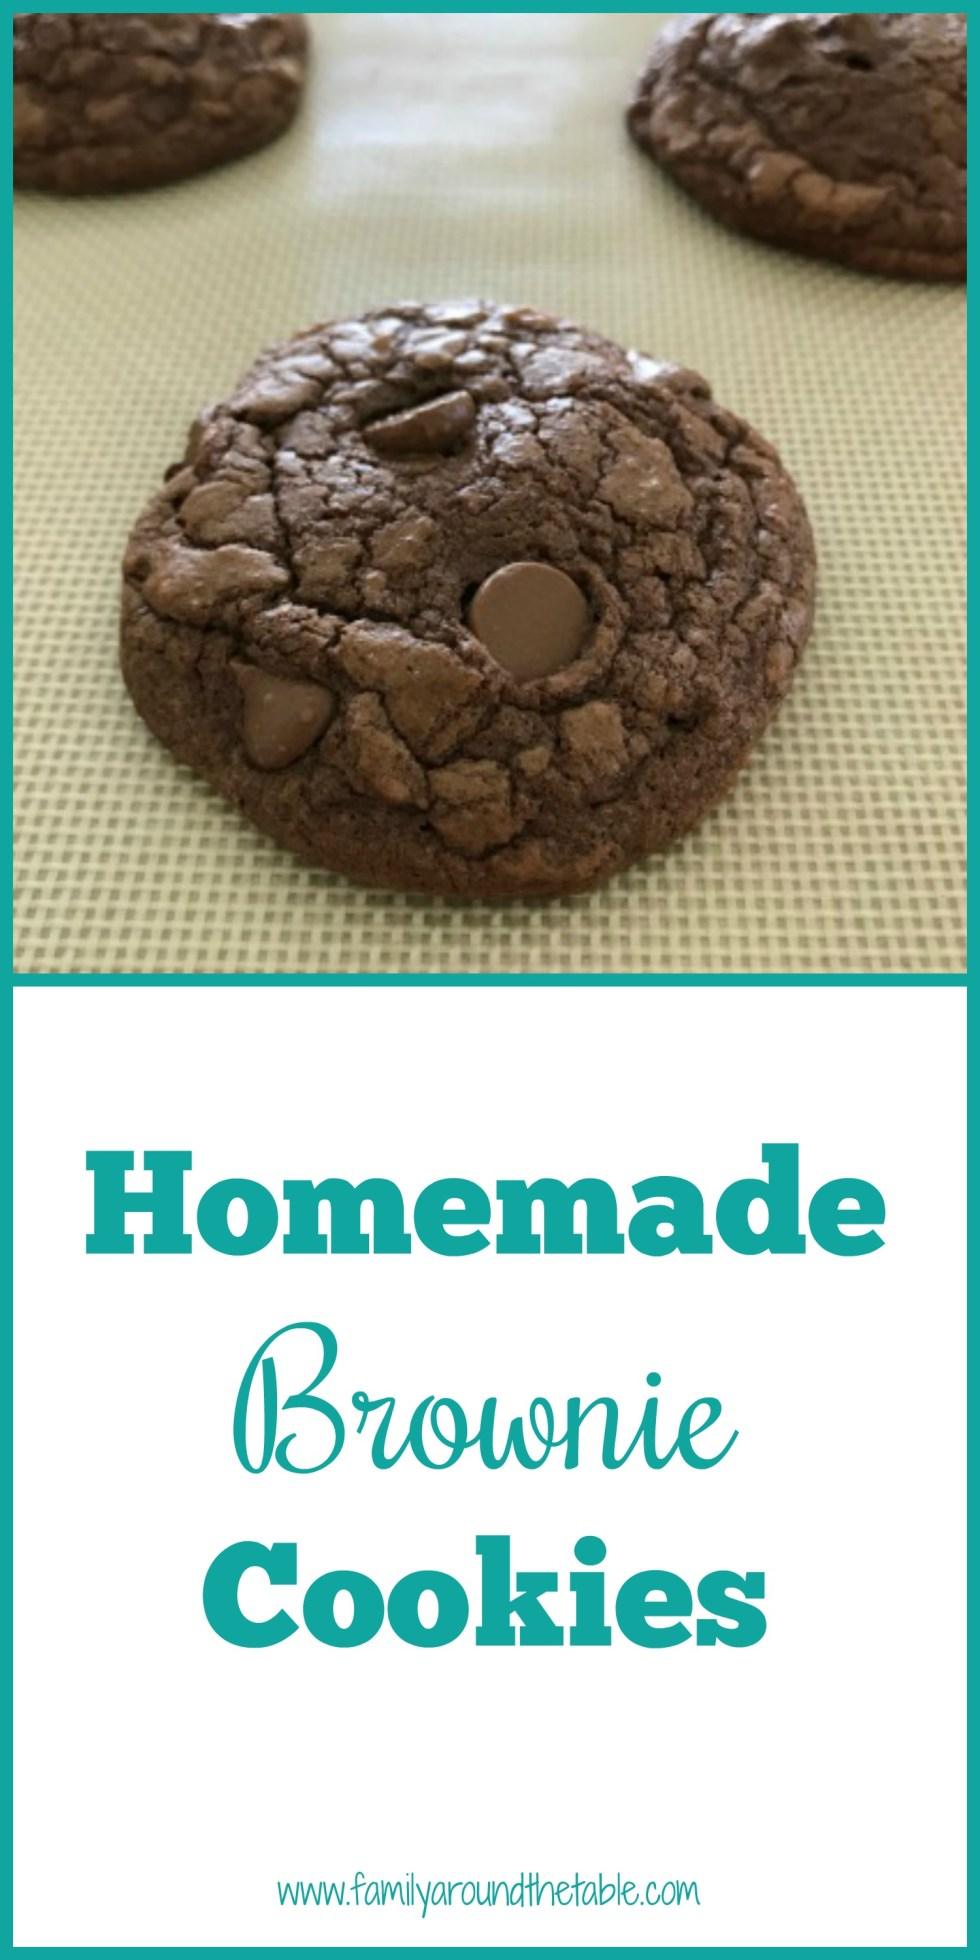 Brownie cookies pinterest image